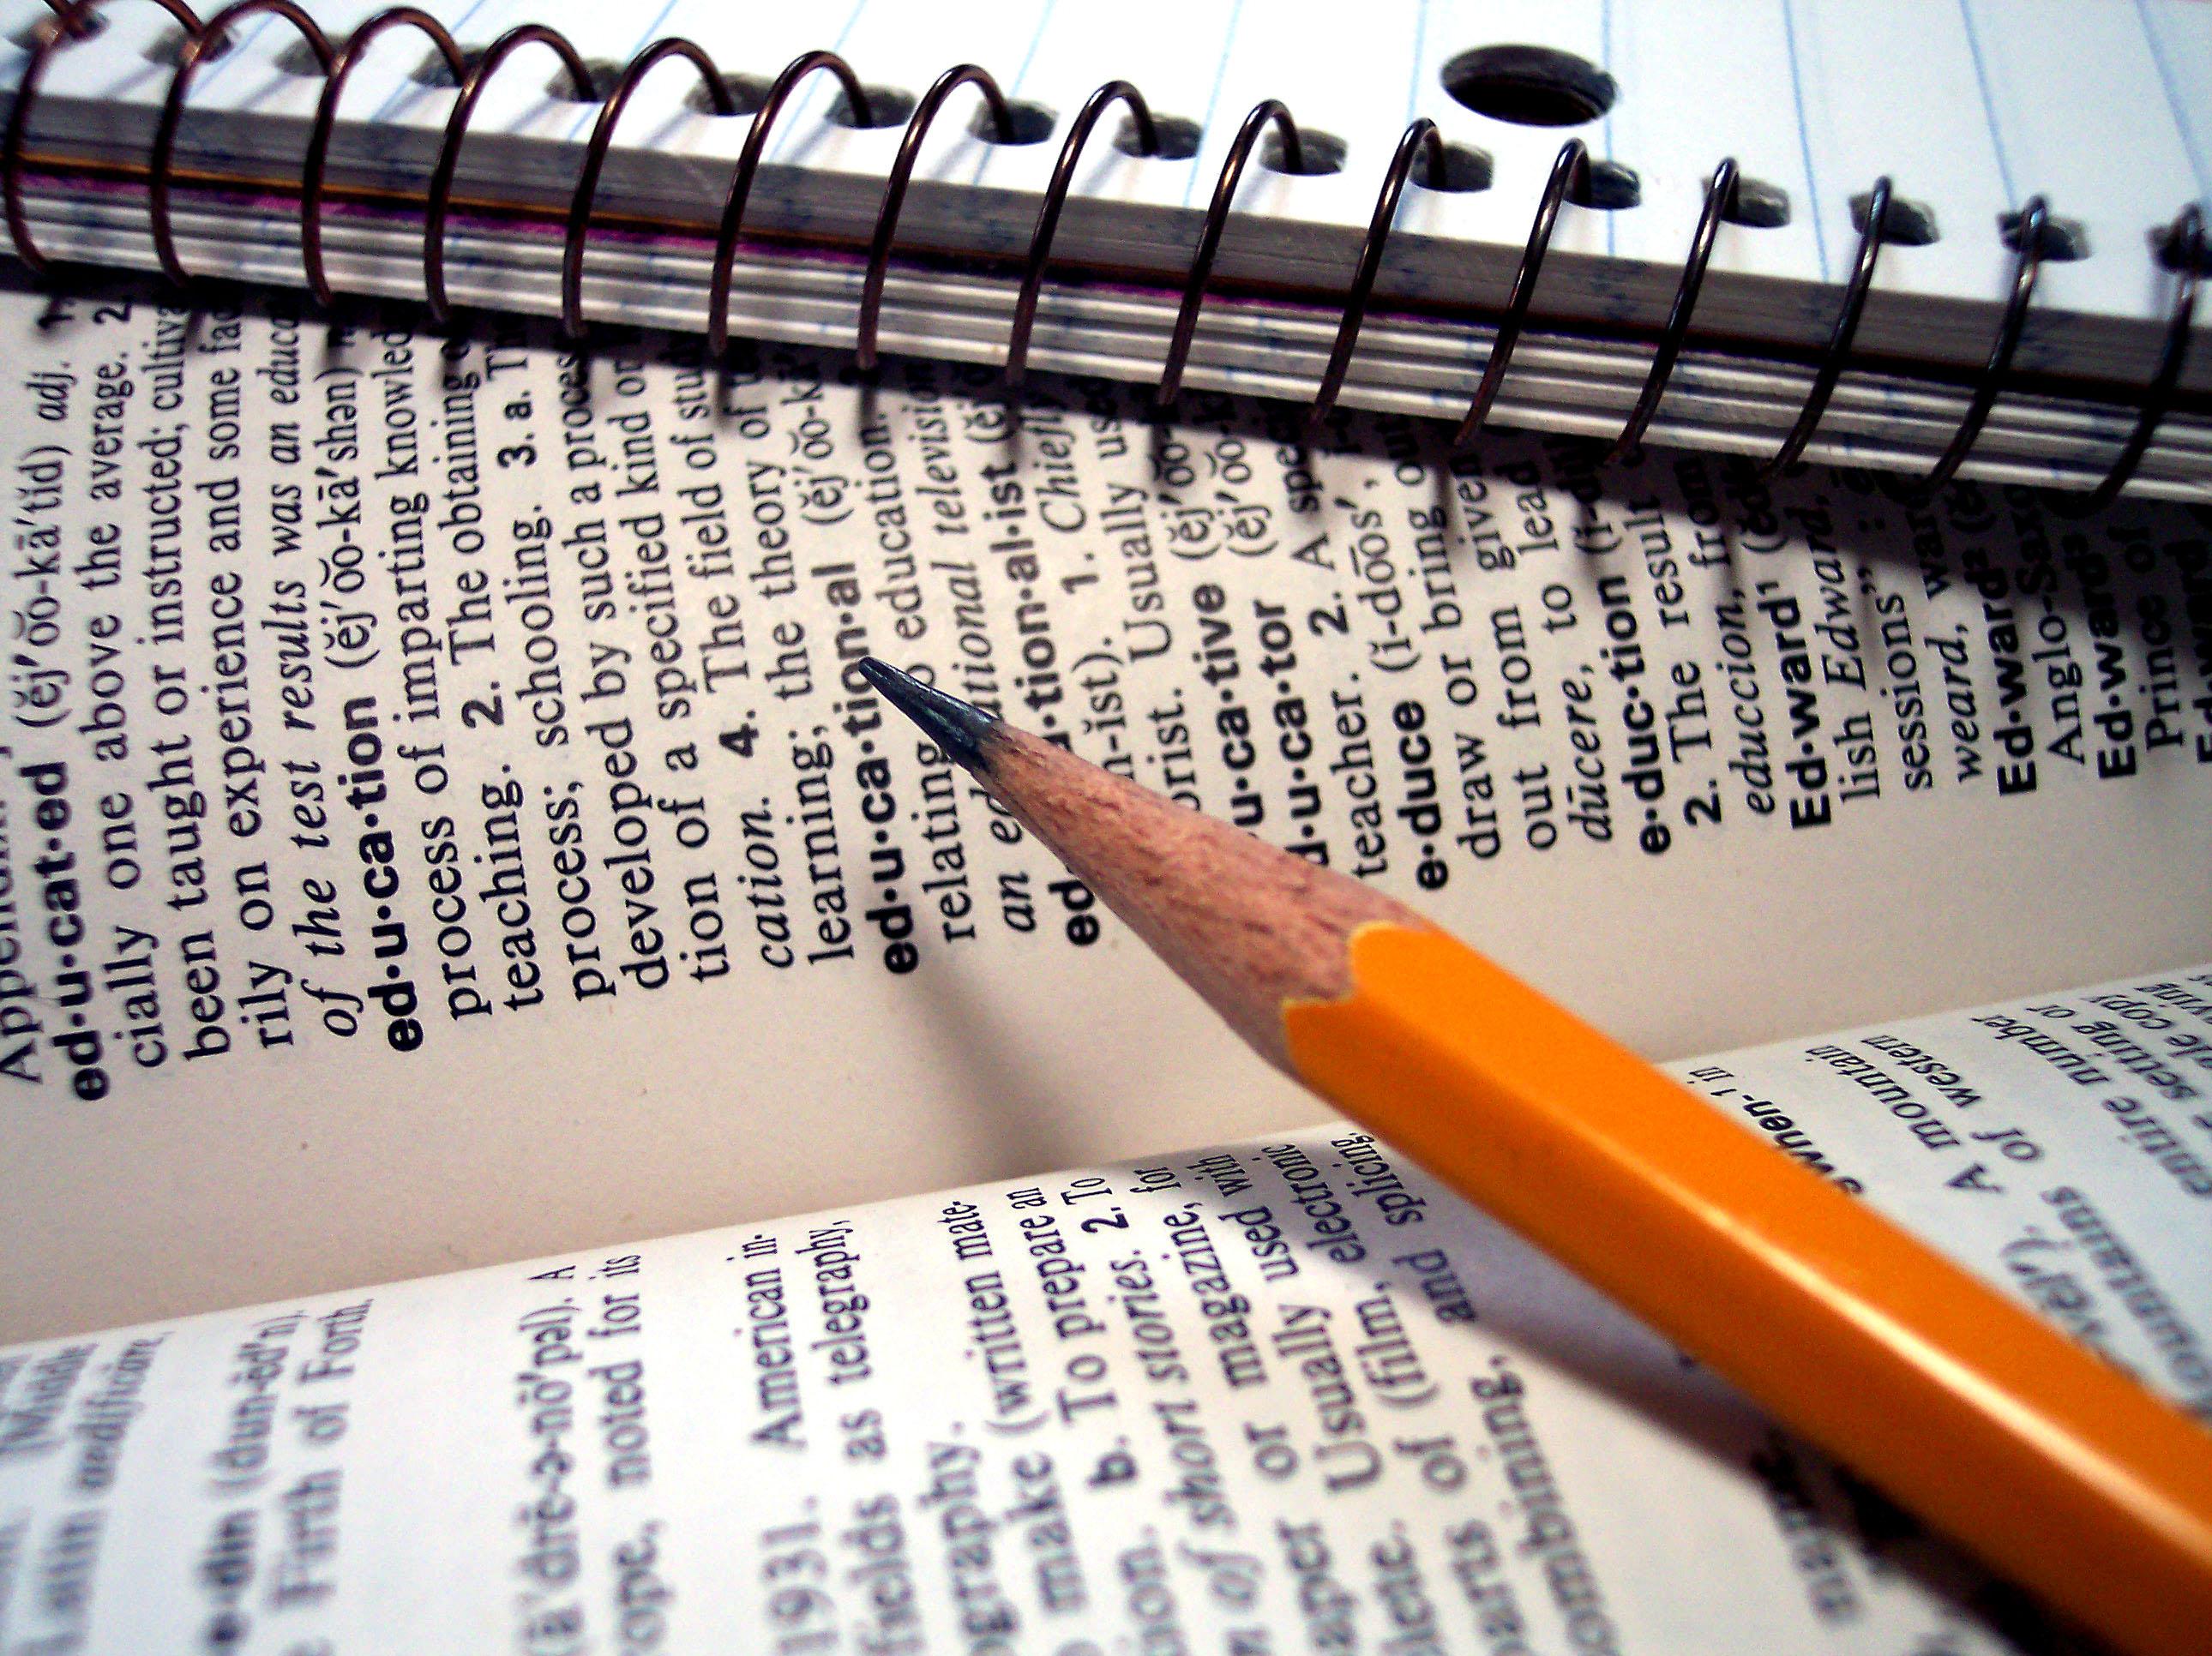 Как сделать и оформить ссылку сноску в курсовой работе ГОСТ  Оформление ссылок и сносок в курсовой работе требования ГОСТ